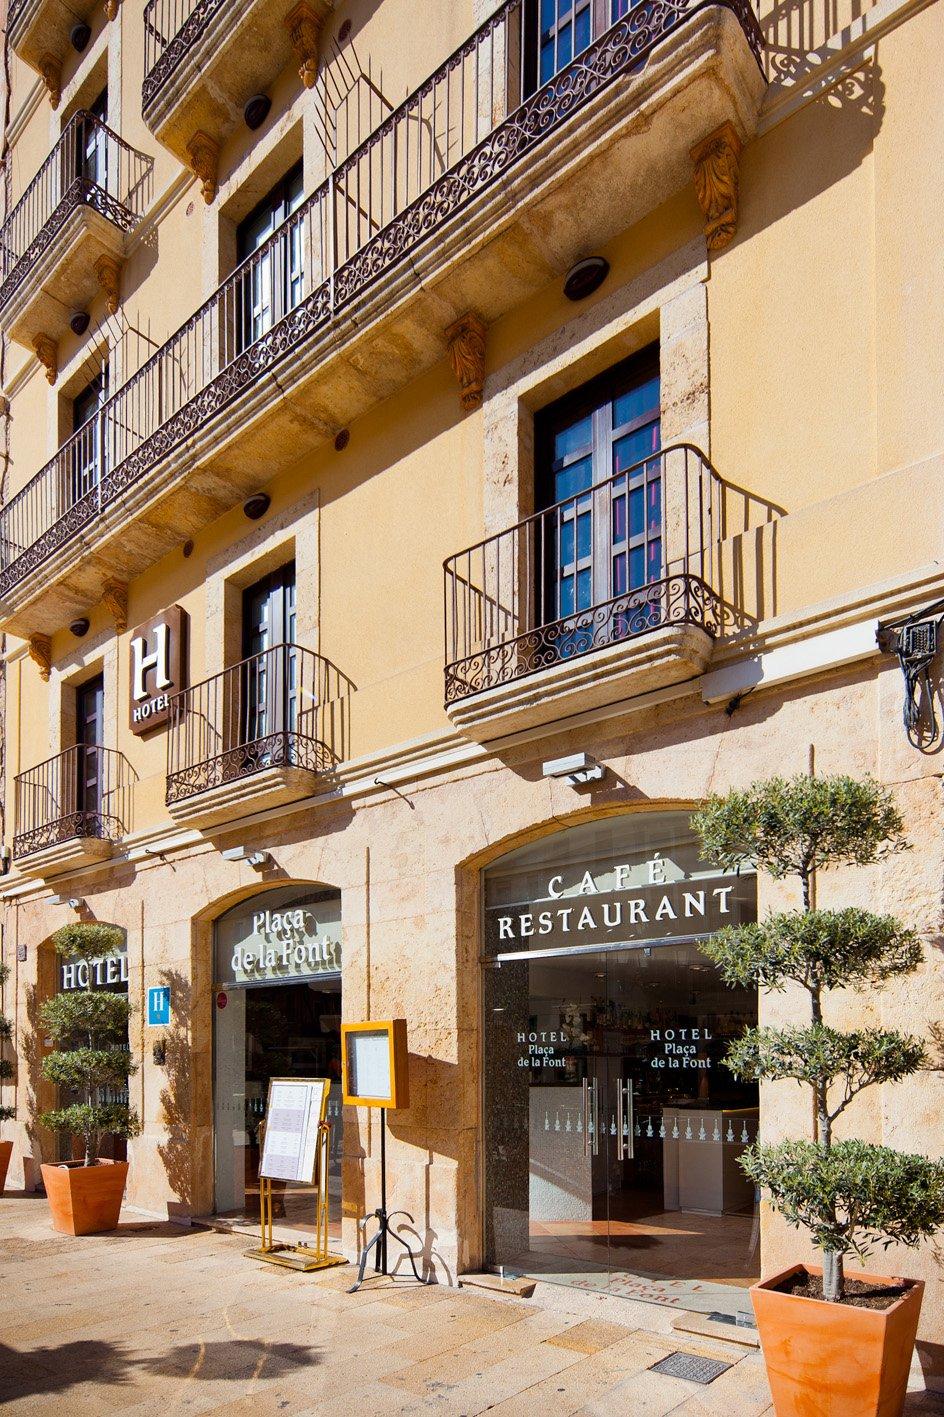 hotel_la_fontnombre_del_documento_14-3cb50ebb2dbb4b6b5df8ee2332c5d15a